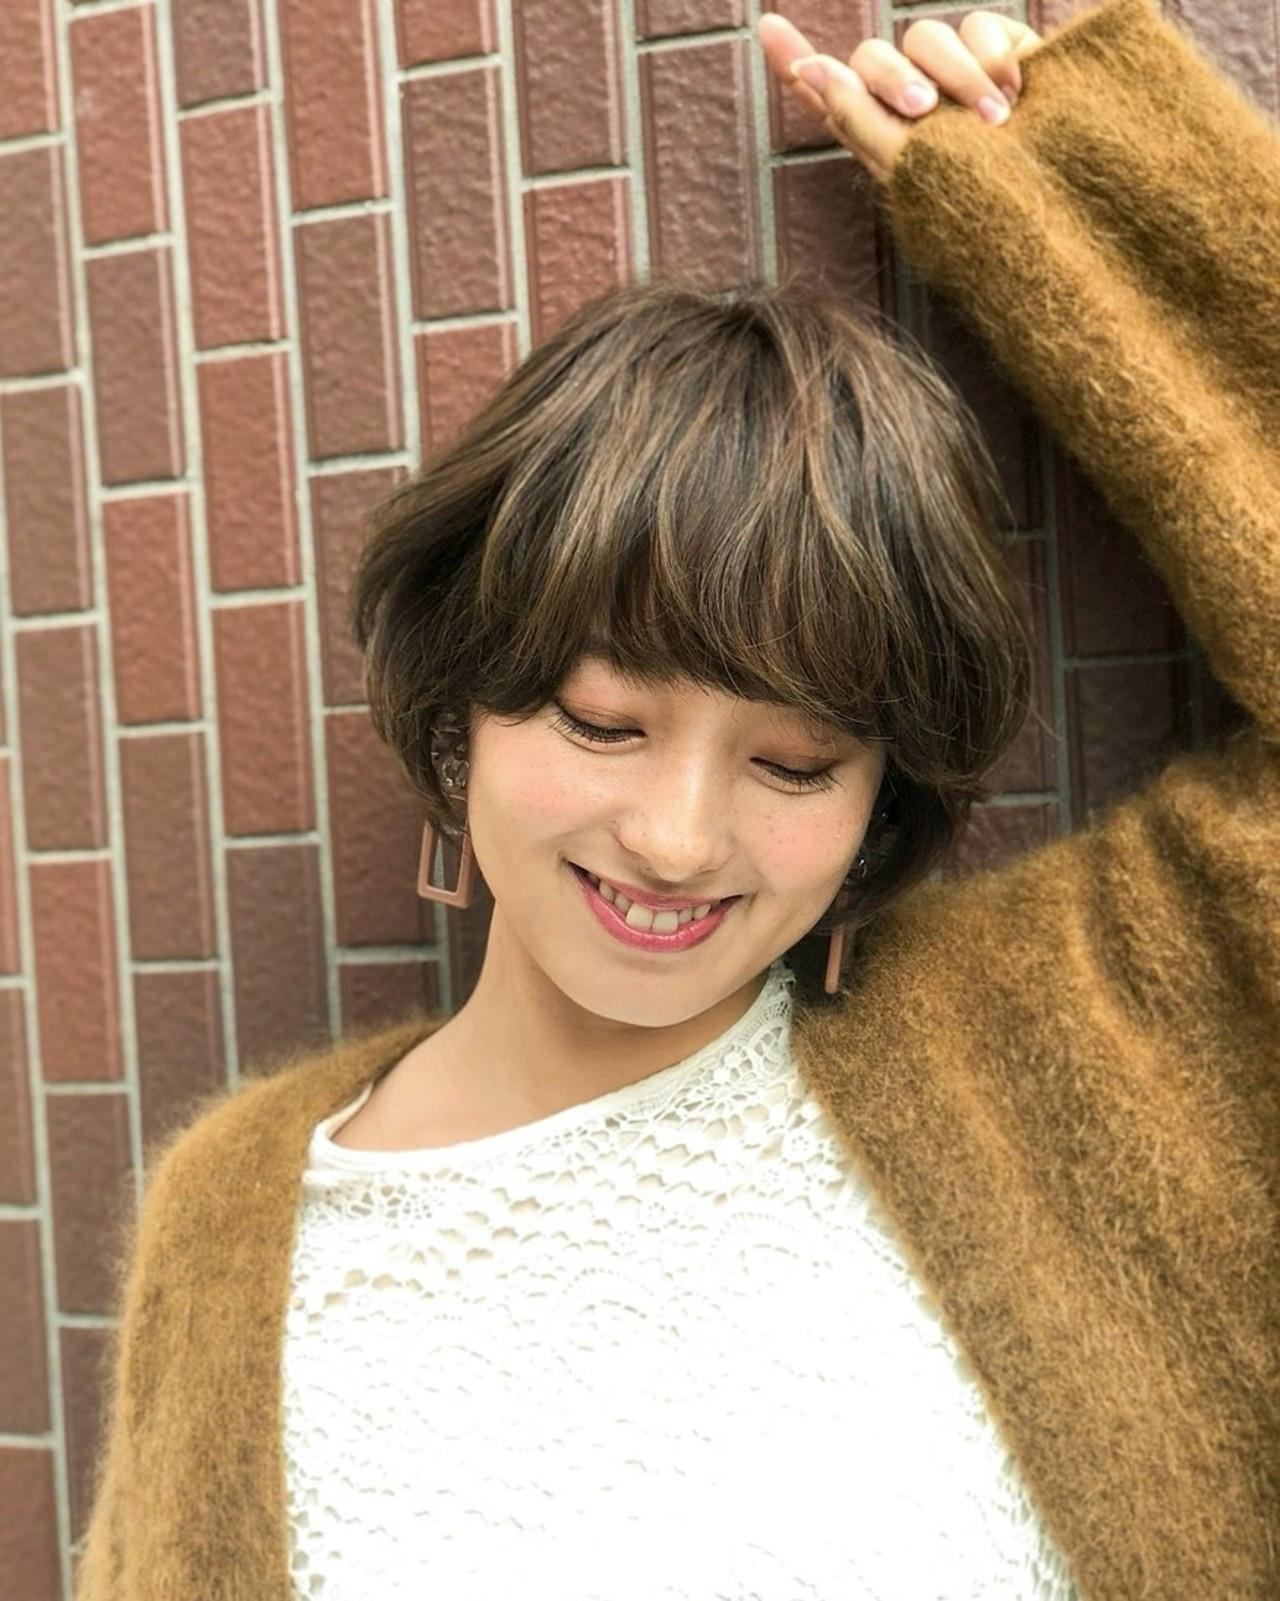 マッシュ ハイライト 大人かわいい アッシュ ヘアスタイルや髪型の写真・画像